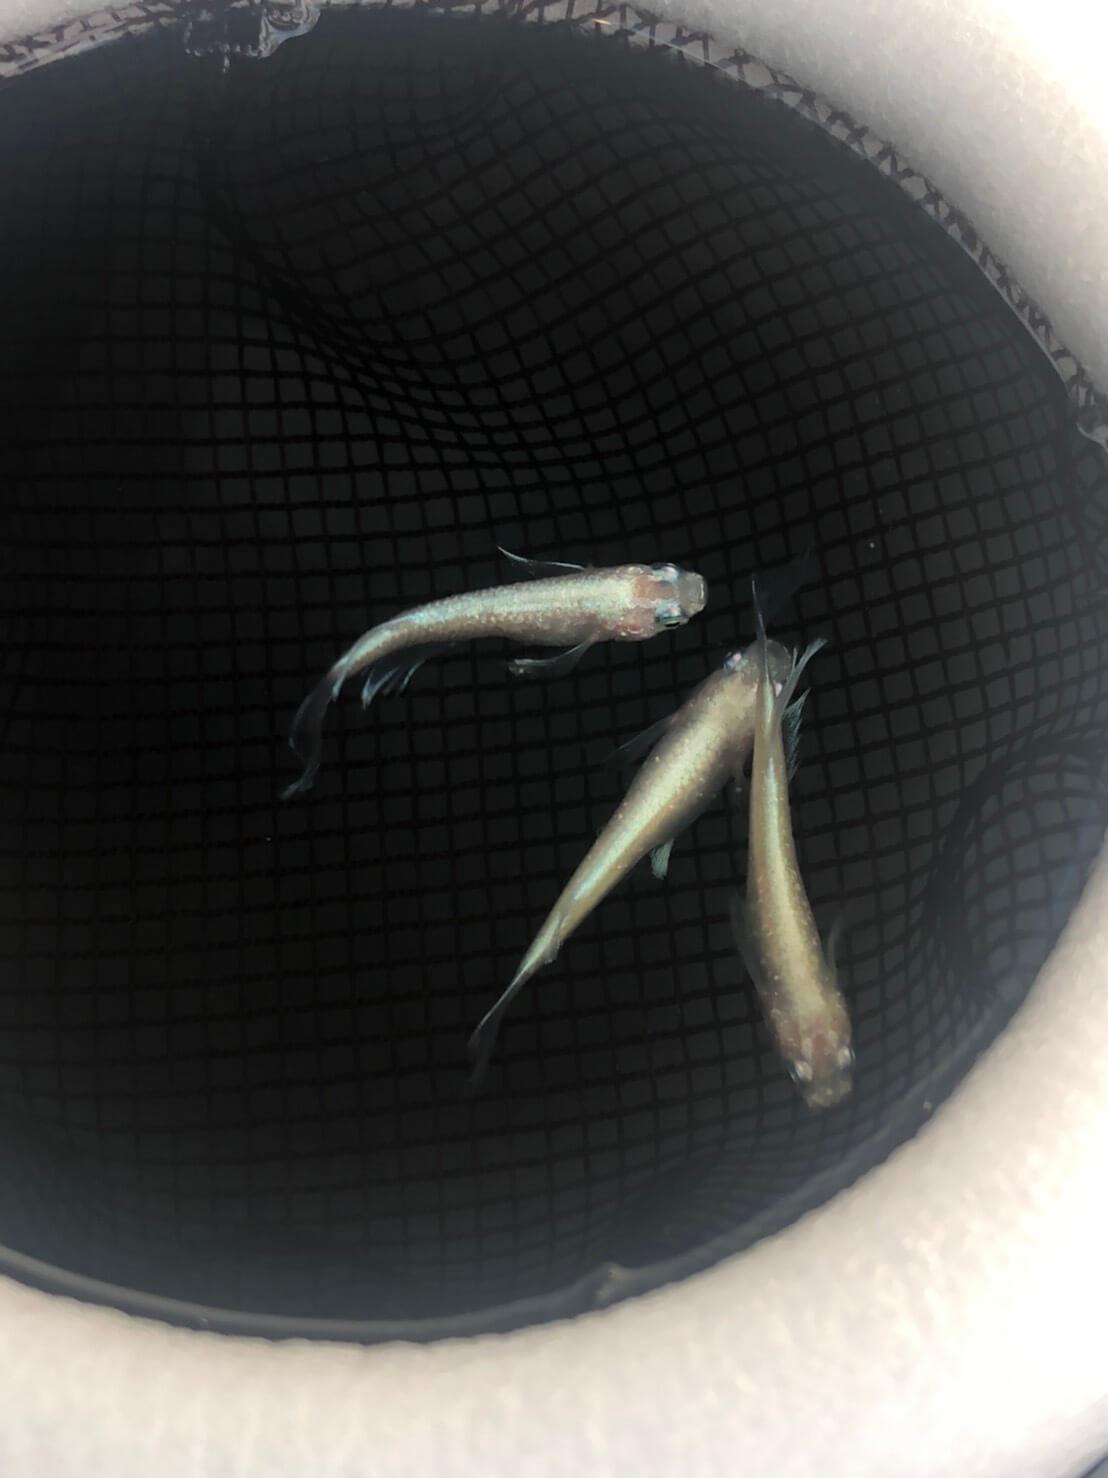 ハギタヒレ長白ラメ幹之メダカ(2020年7月新しいタイプのヒレ長メダカの種親として加入)